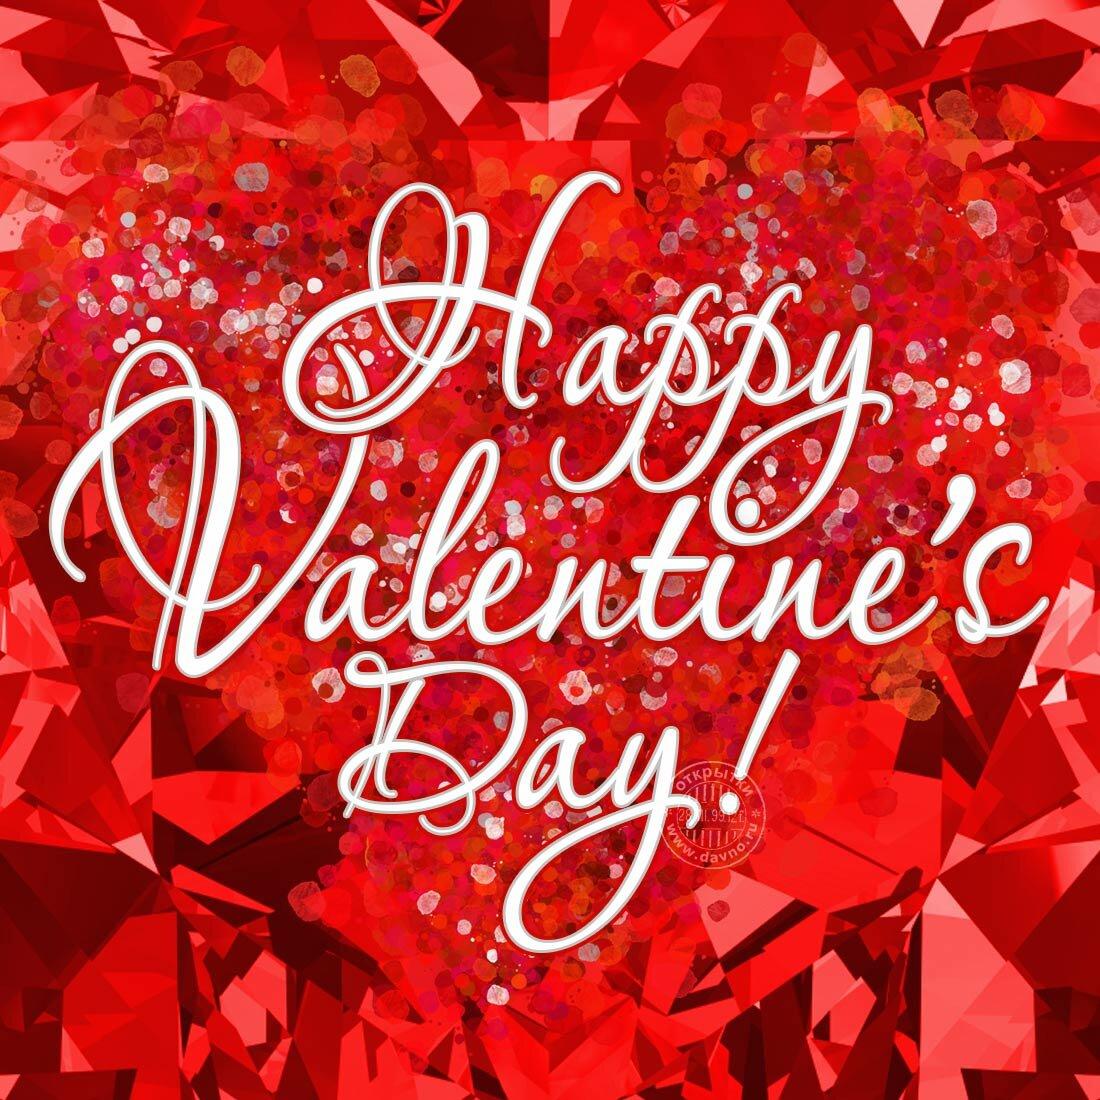 Поздравления с праздником днем влюбленных